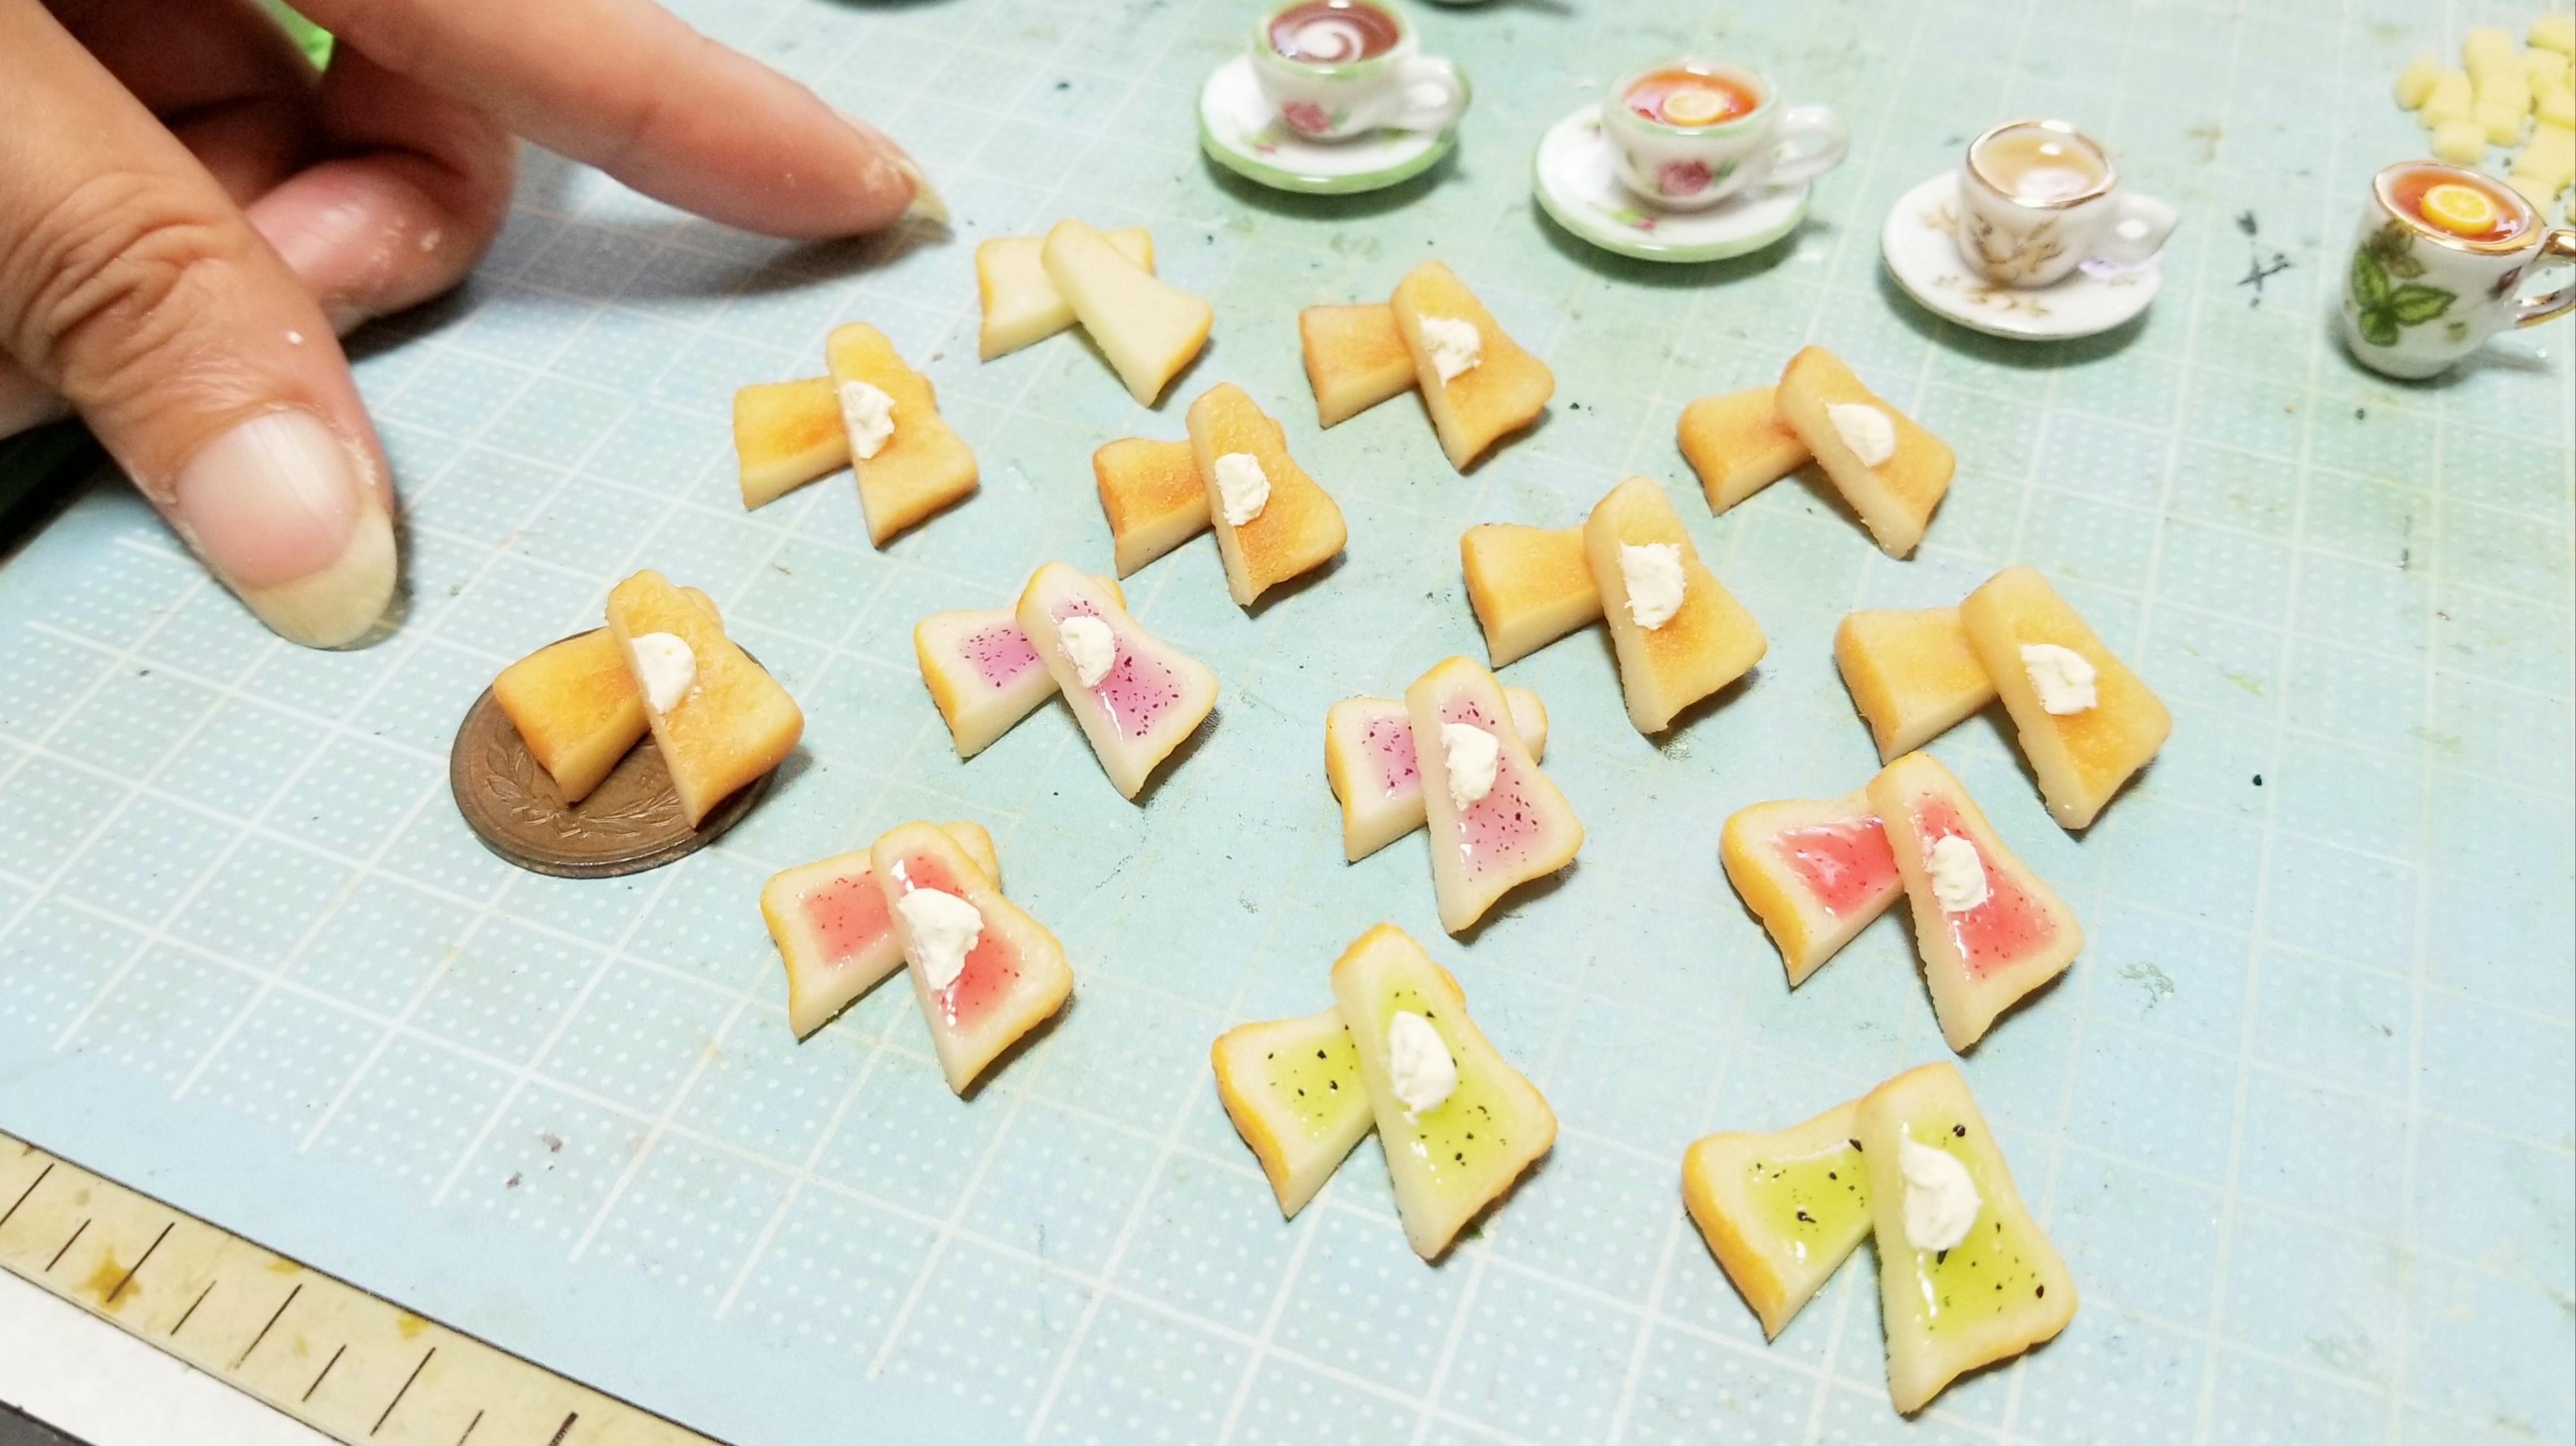 おいしい人気の有名な食パン屋ジャムバタートーストアレンジかわいい